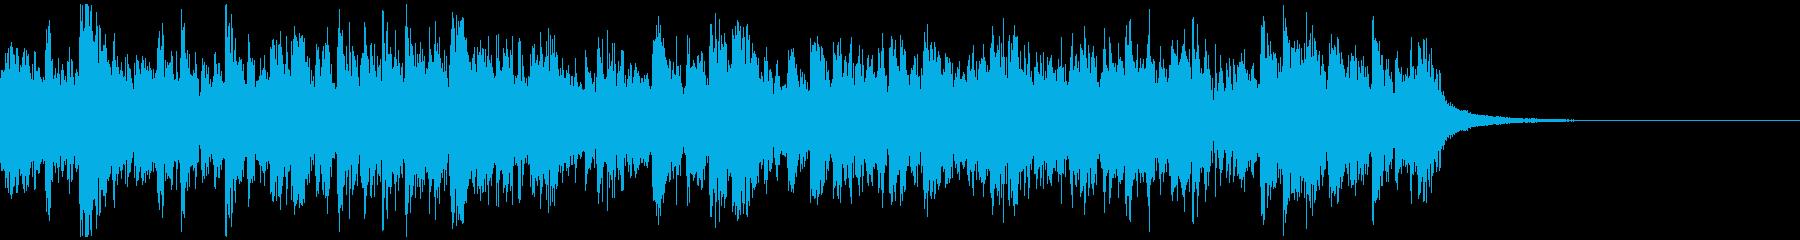 切迫した場面にあうショートBGMの再生済みの波形